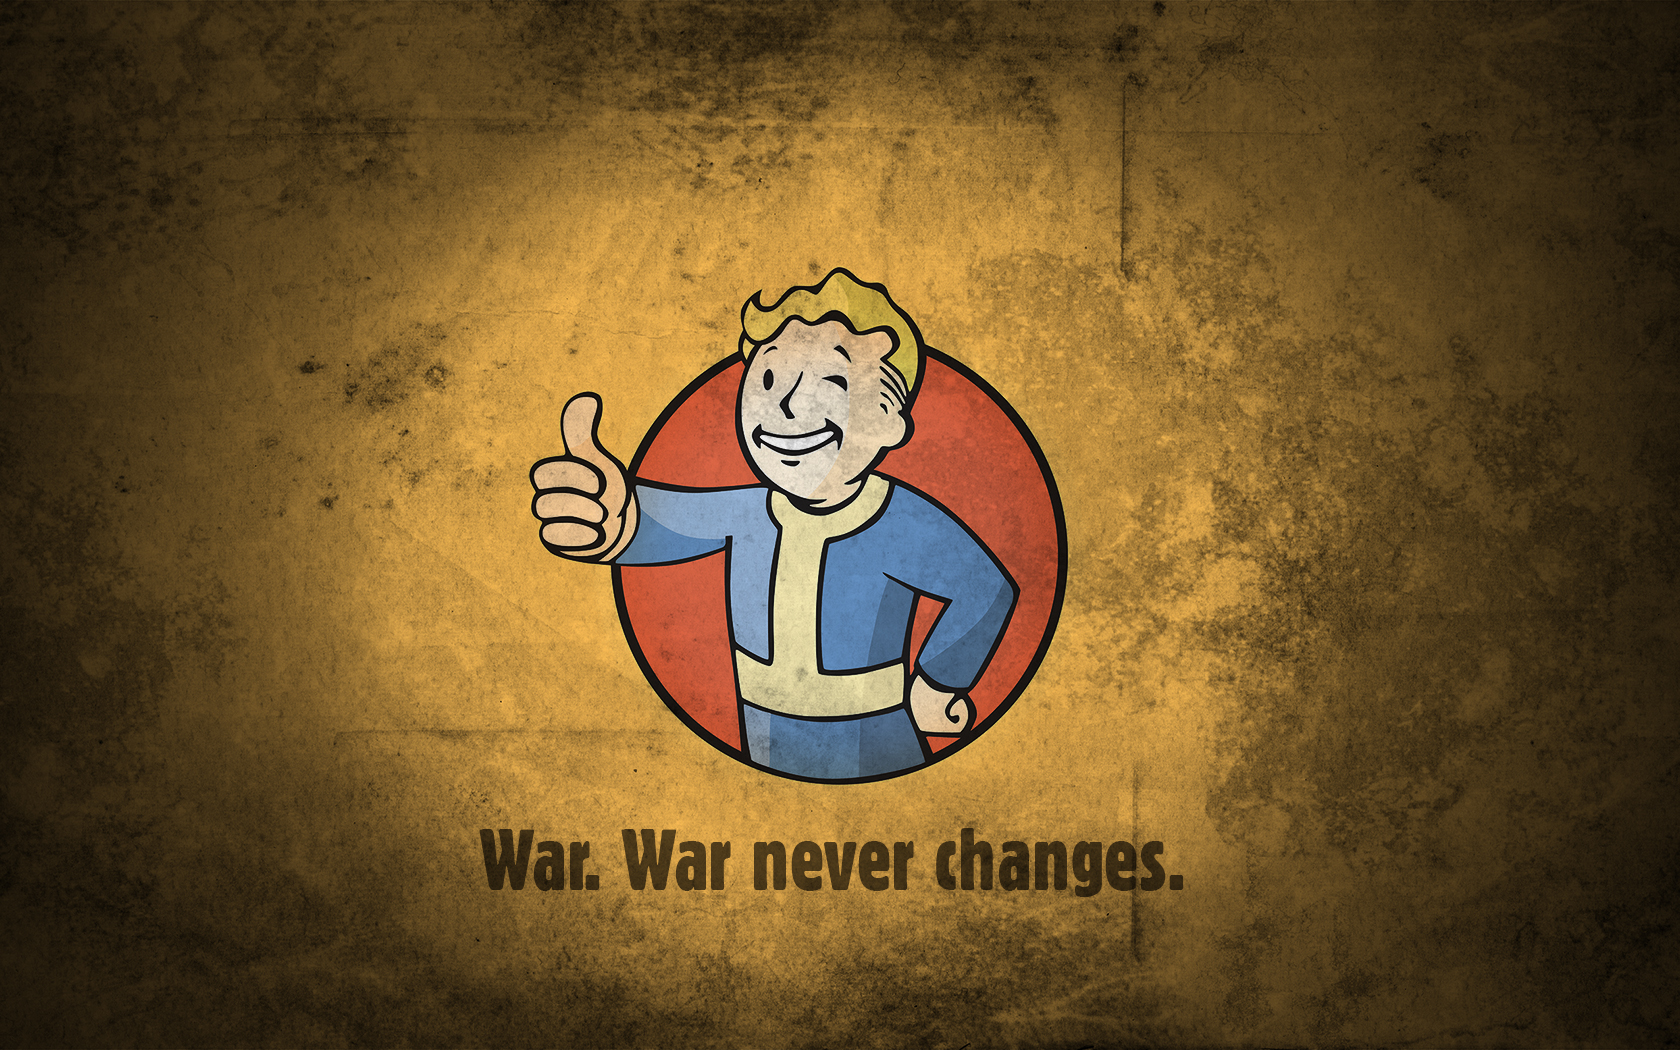 Fall Out Boy Wallpaper Iphone 5 Fallout Vault Boy War Never Changes Fond D 233 Cran And